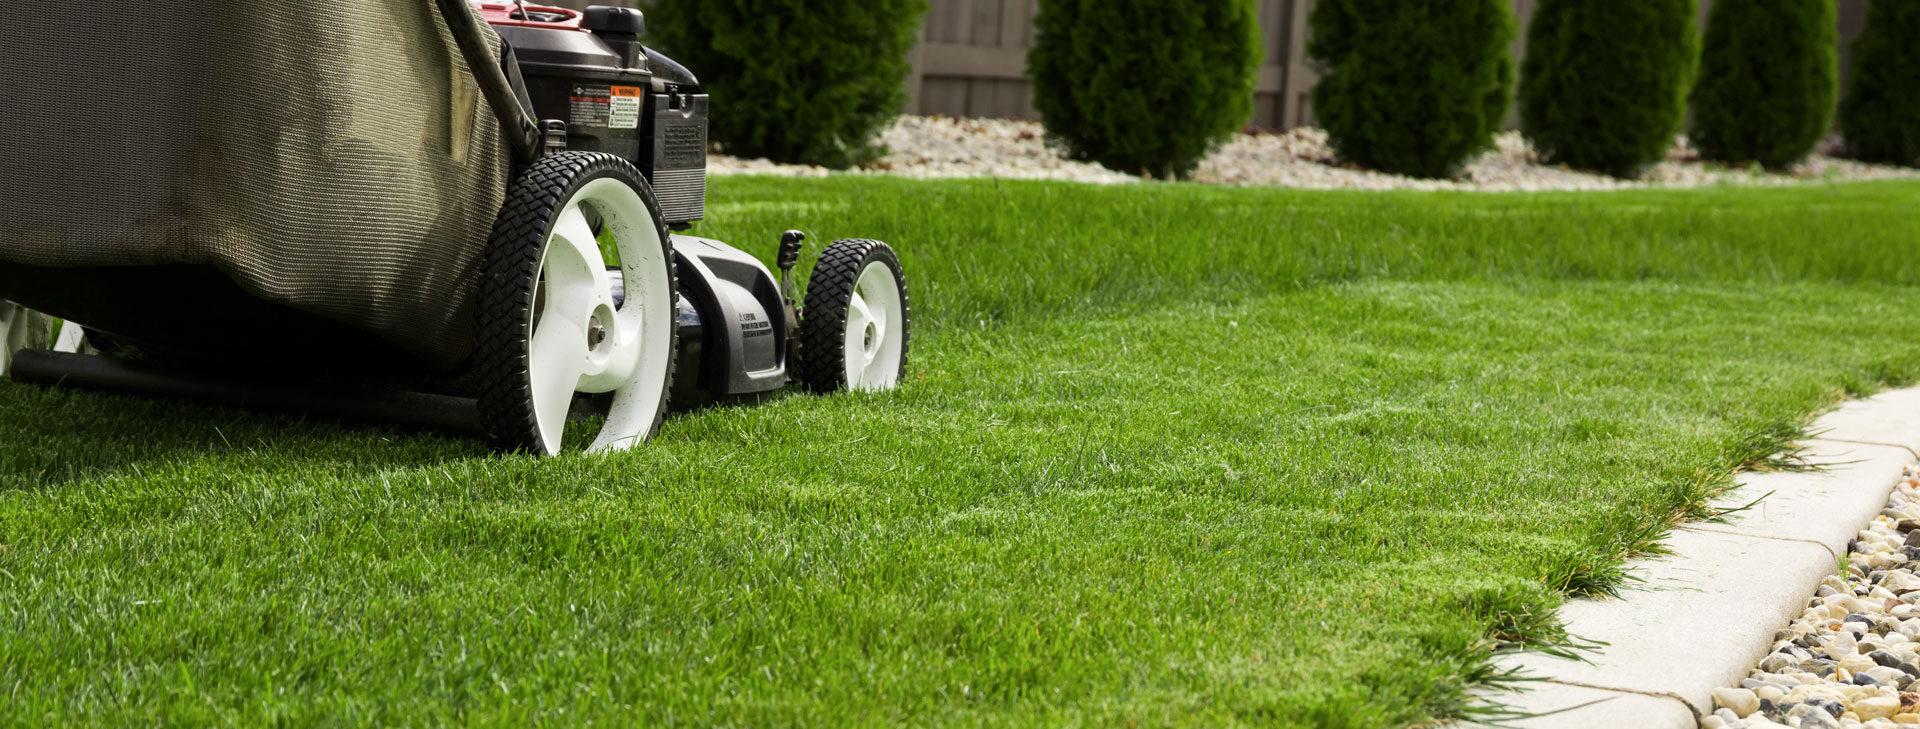 L'herbe sera toujours plus verte de<br /> votre côté de la clôture !